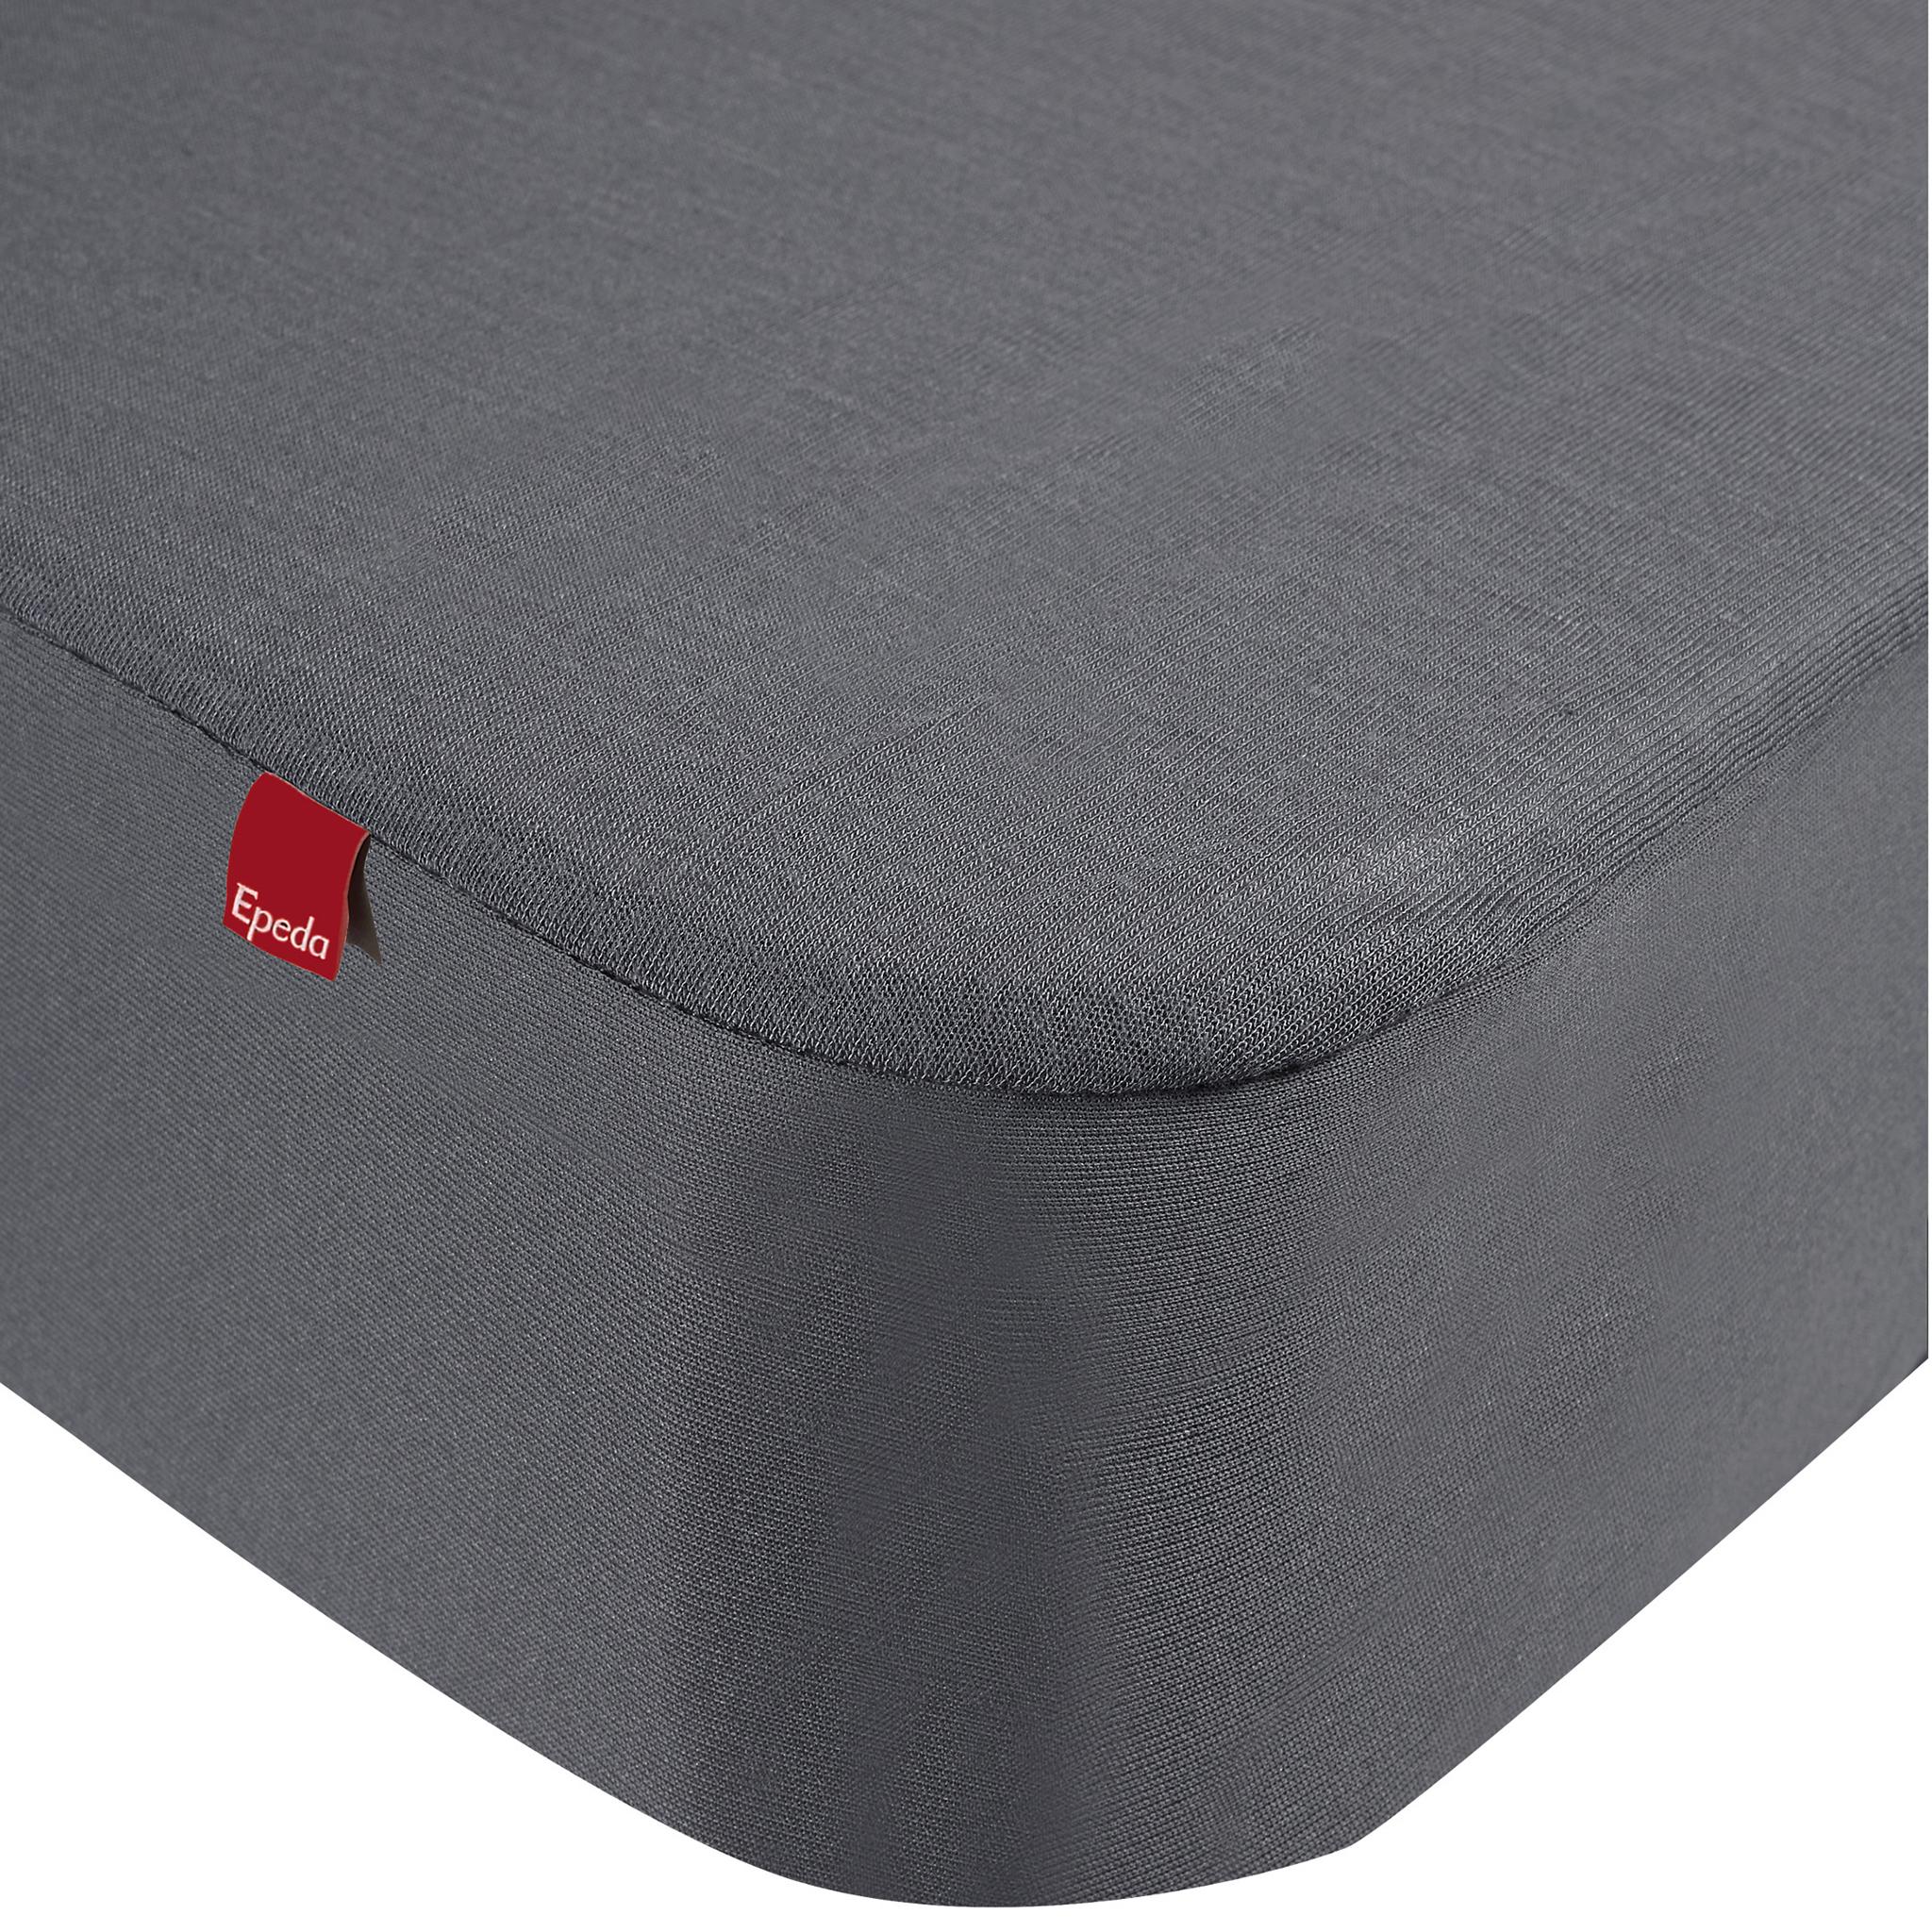 Drap housse protège matelas imperméable 2 en 1 gris 160x190/200